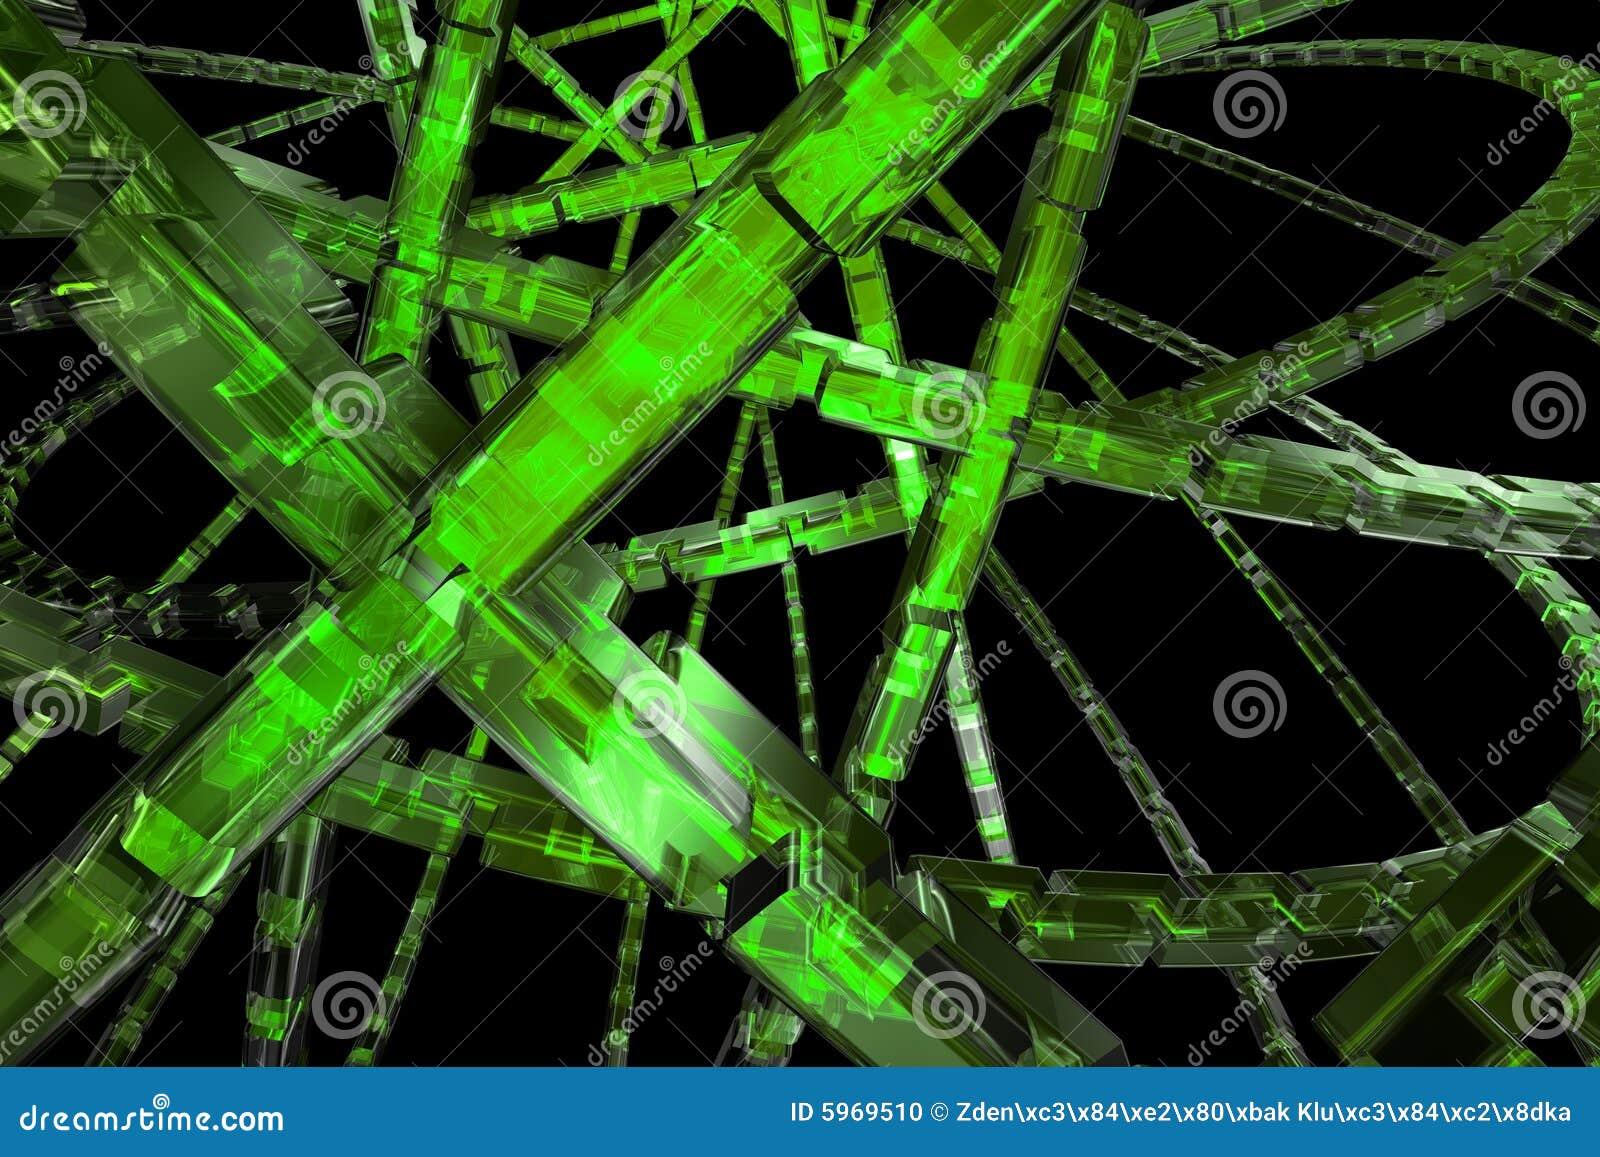 Fond vert abstrait